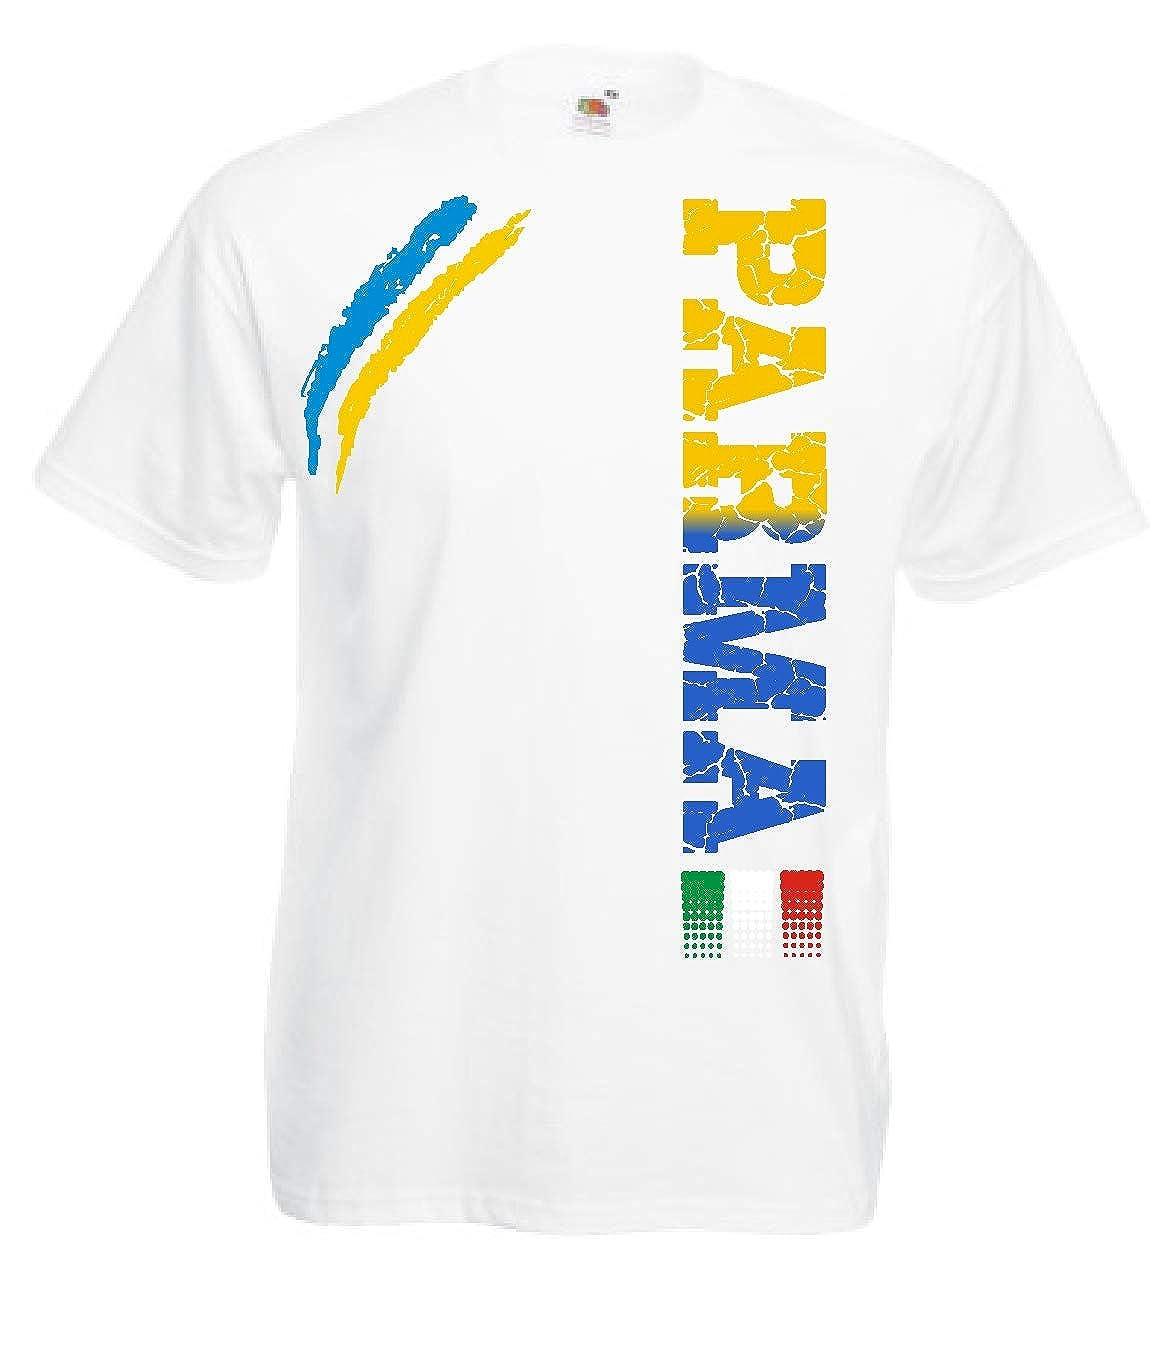 Generico Giacchino Parma Tifosi Ultras Calcio Sport dalla S alla XXL e 4 Colori Disponibili